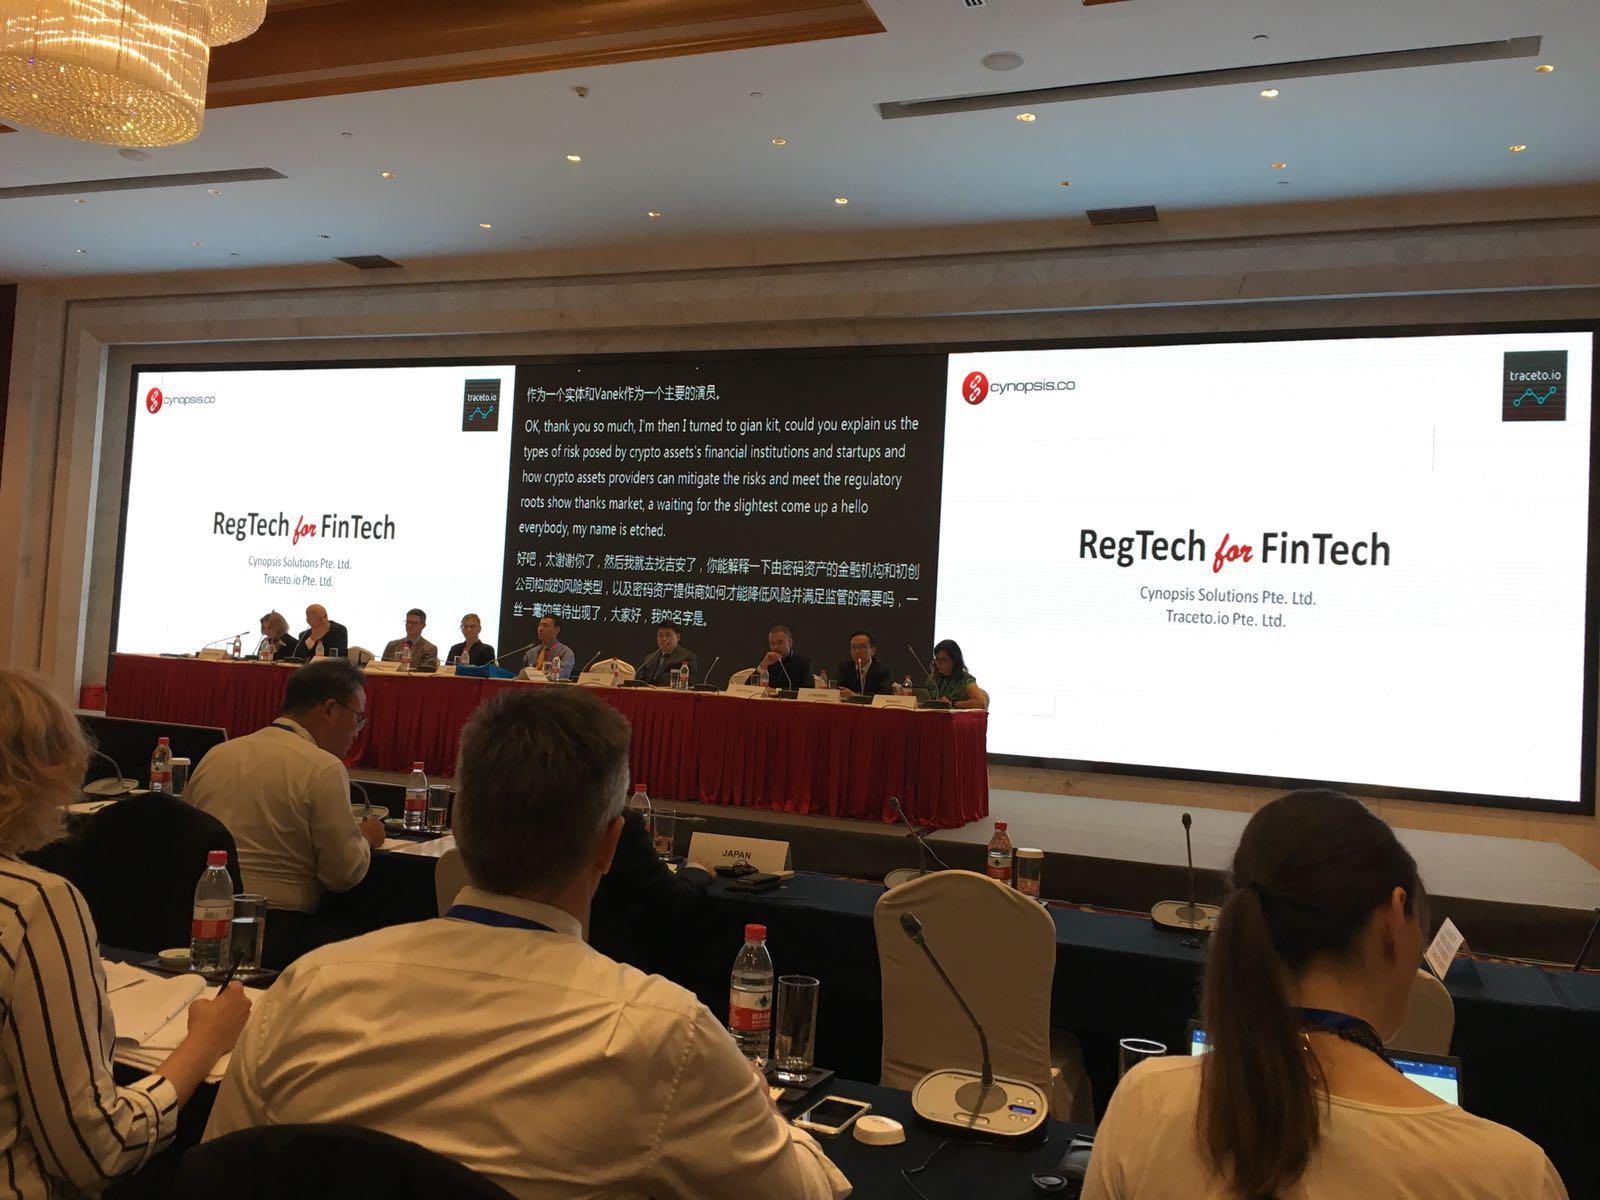 #RegTech for #FinTech